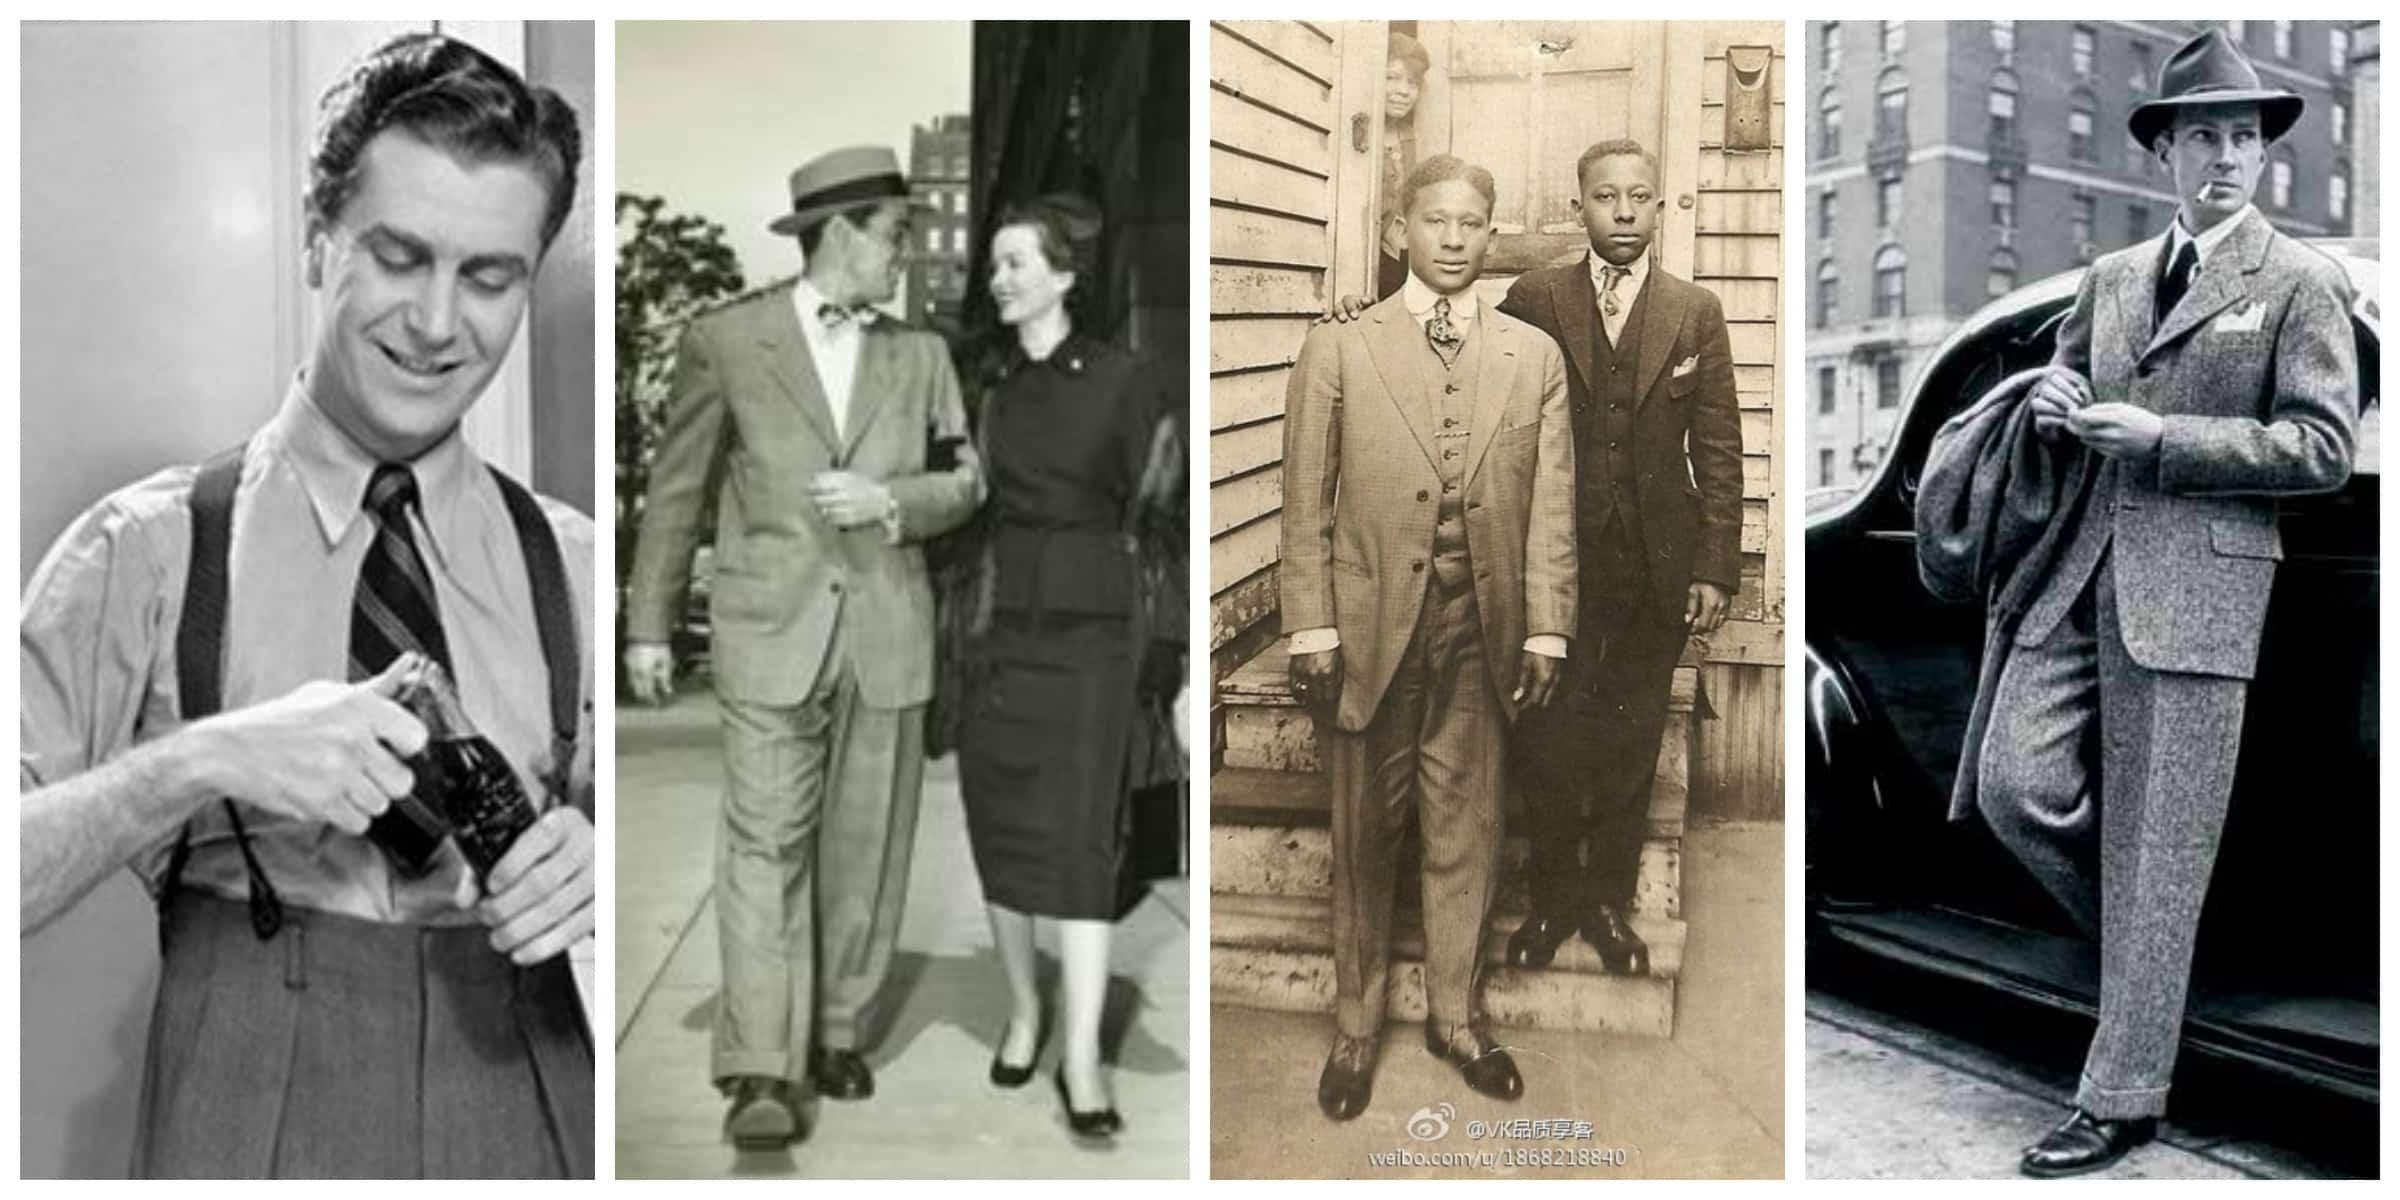 1940s-men-fashion